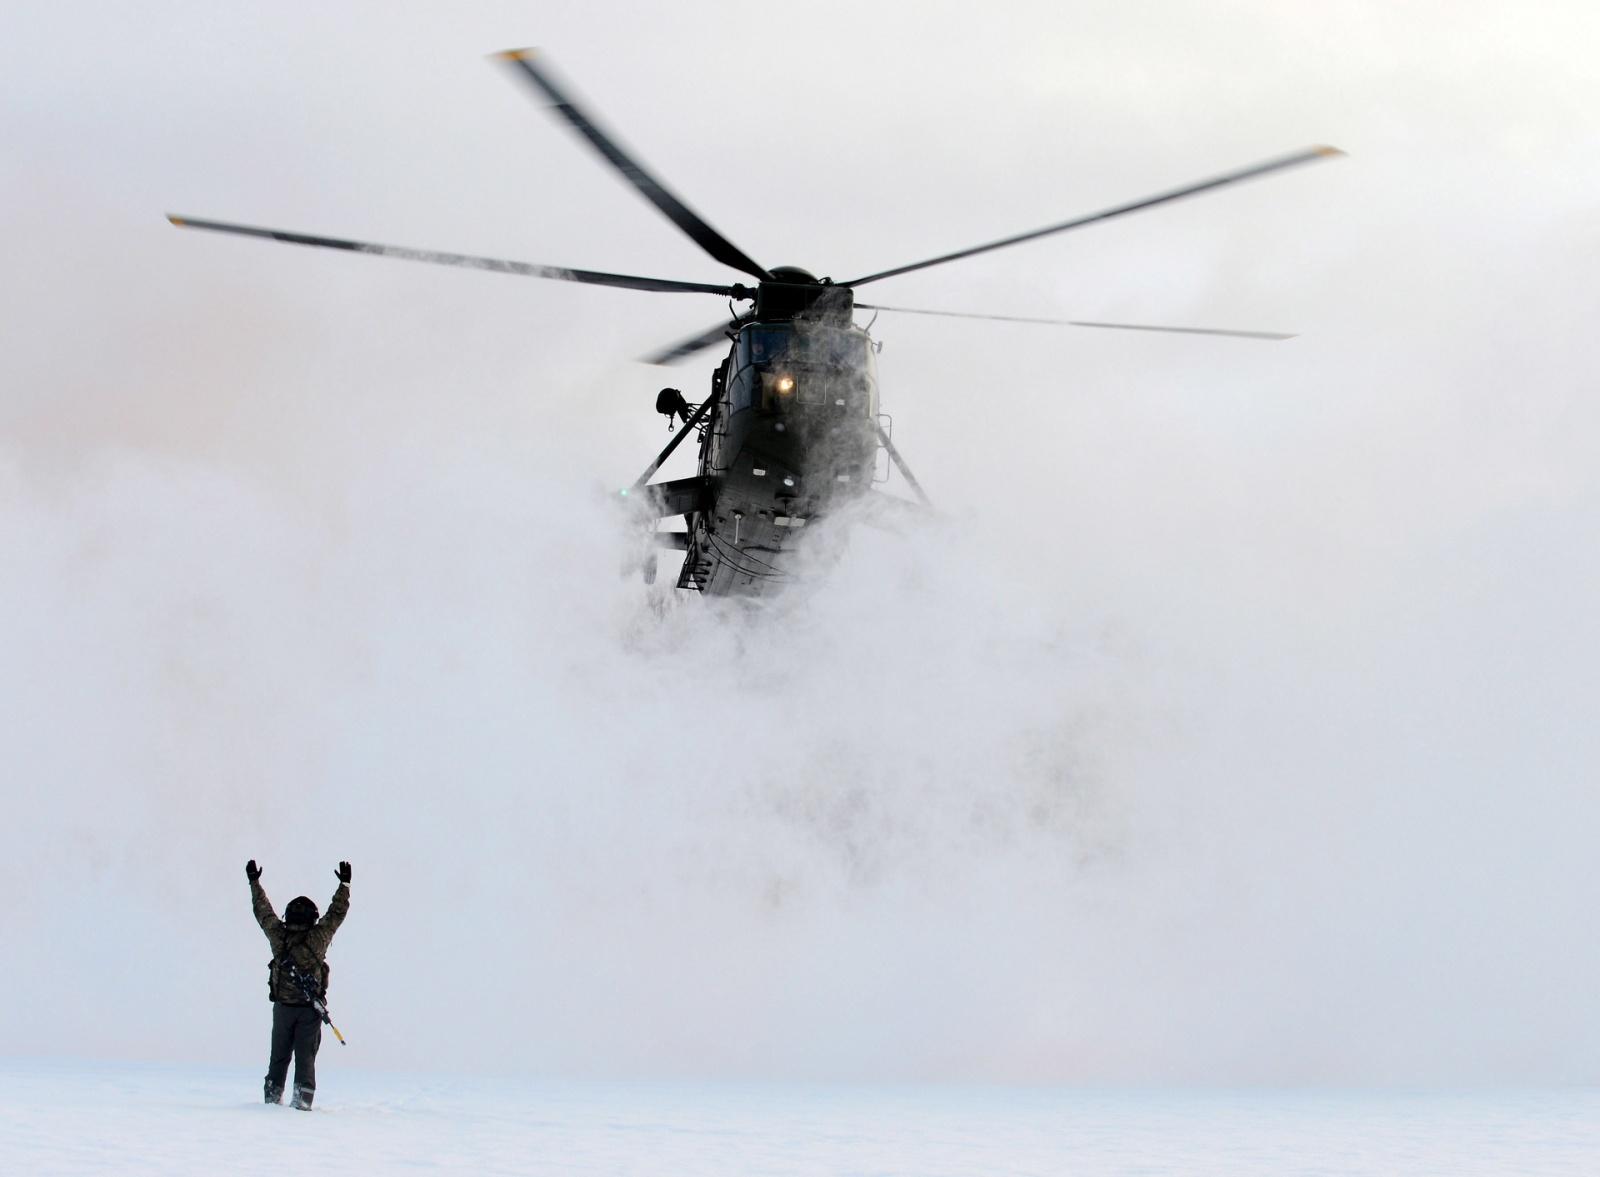 Сажаем вертолет вслепую: обзор технологий синтетического зрения - 1